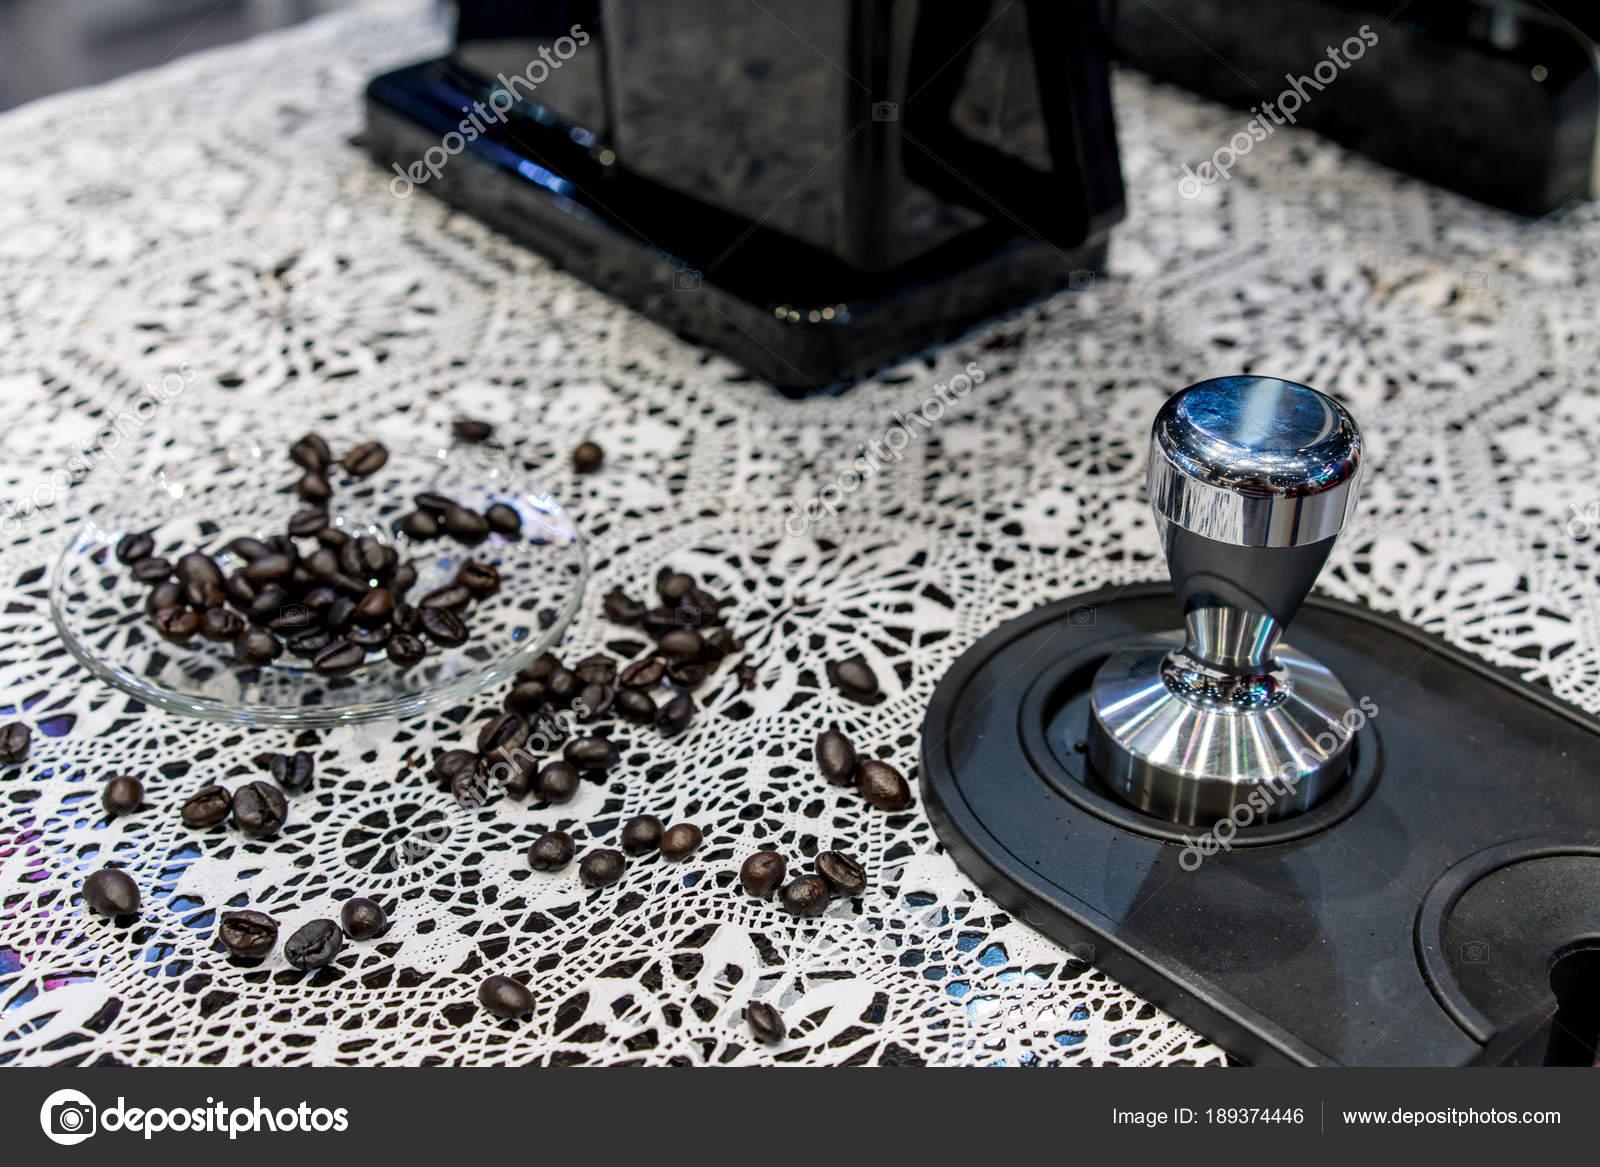 Geschlossen bis Arabica-Kaffeebohnen, die verstreut im Glas ...